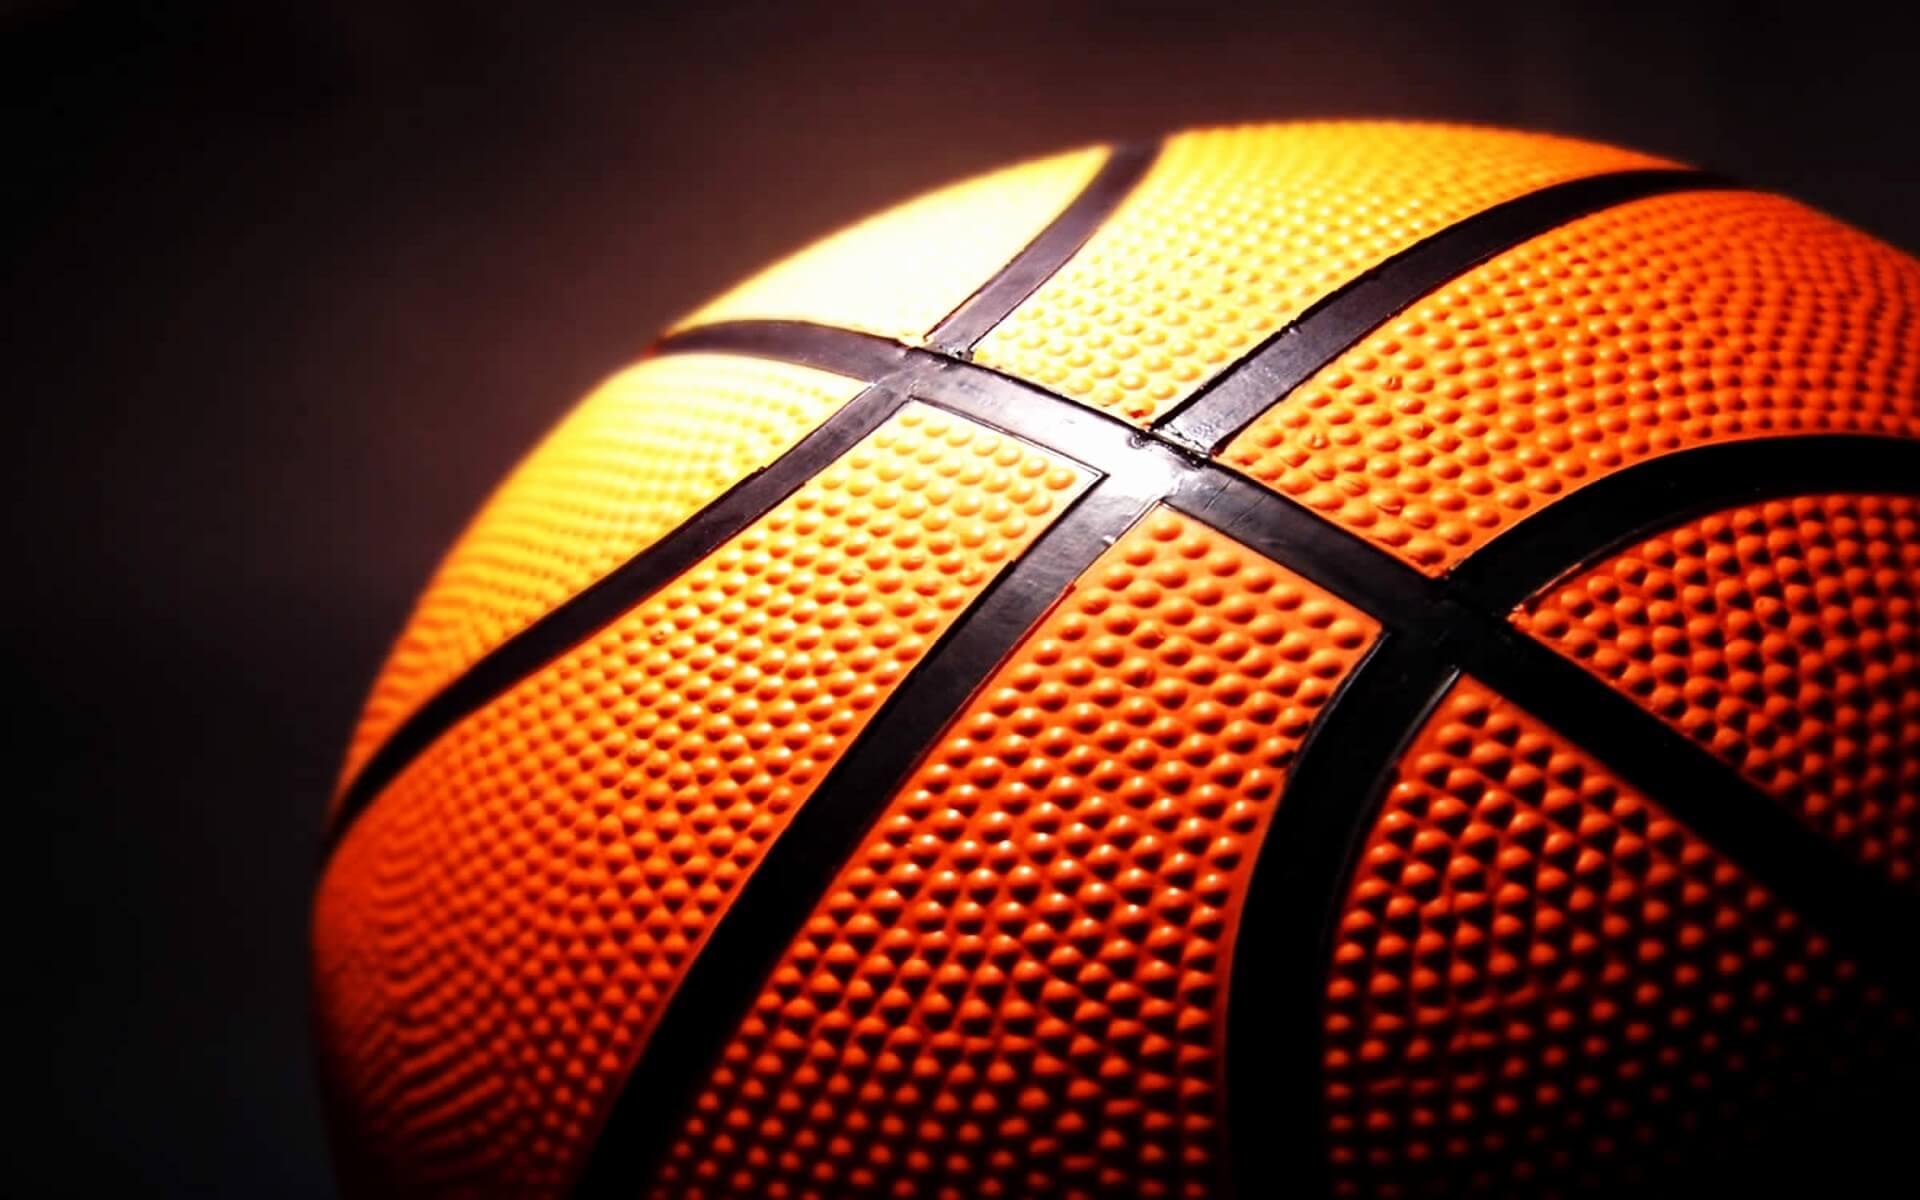 Обои на телефон баскетбольный мяч